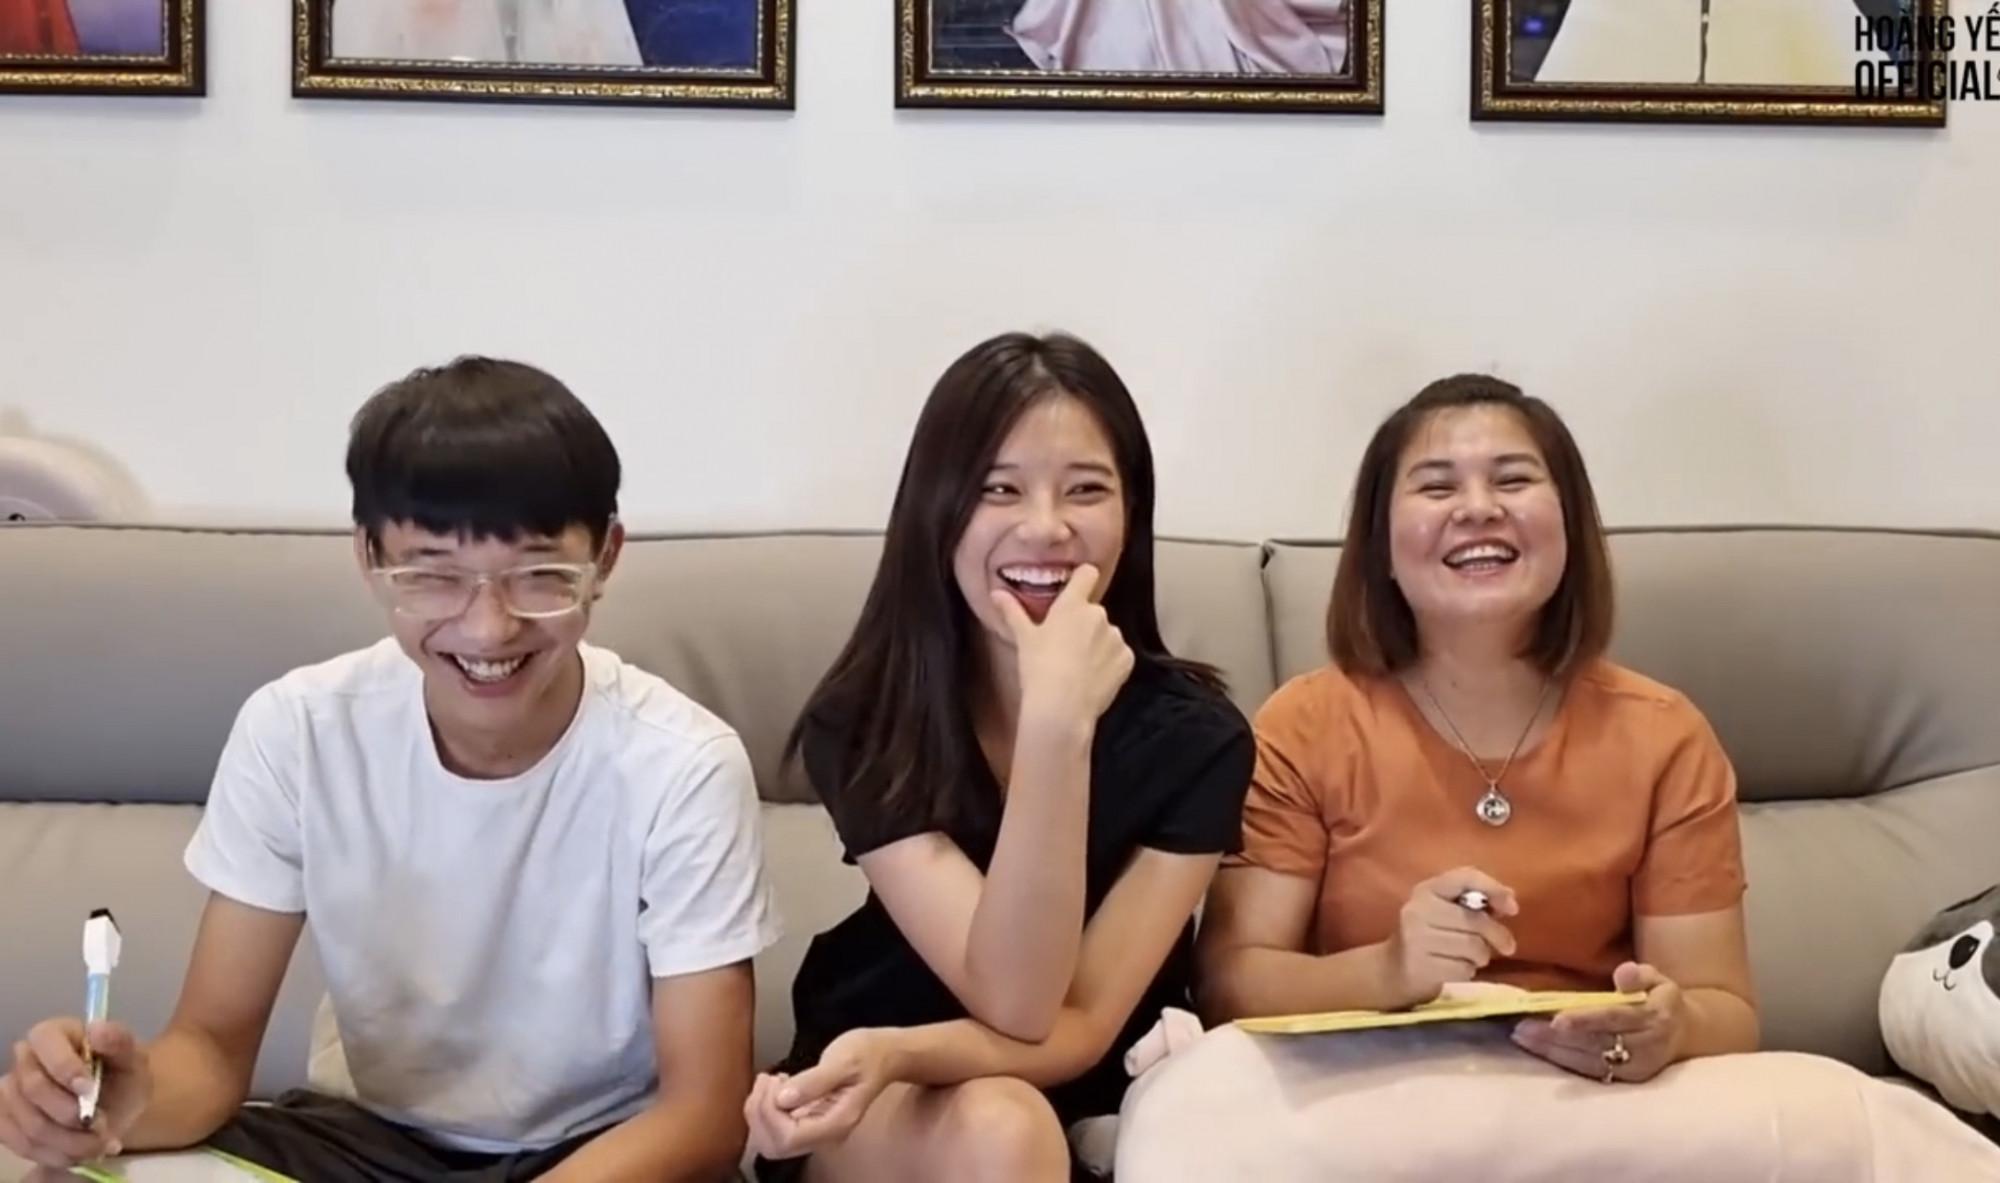 Gia đình Hoàng Yến Chibi chơi trò chơi để hiểu ý nhau thông qua những câu hỏi đơn giản